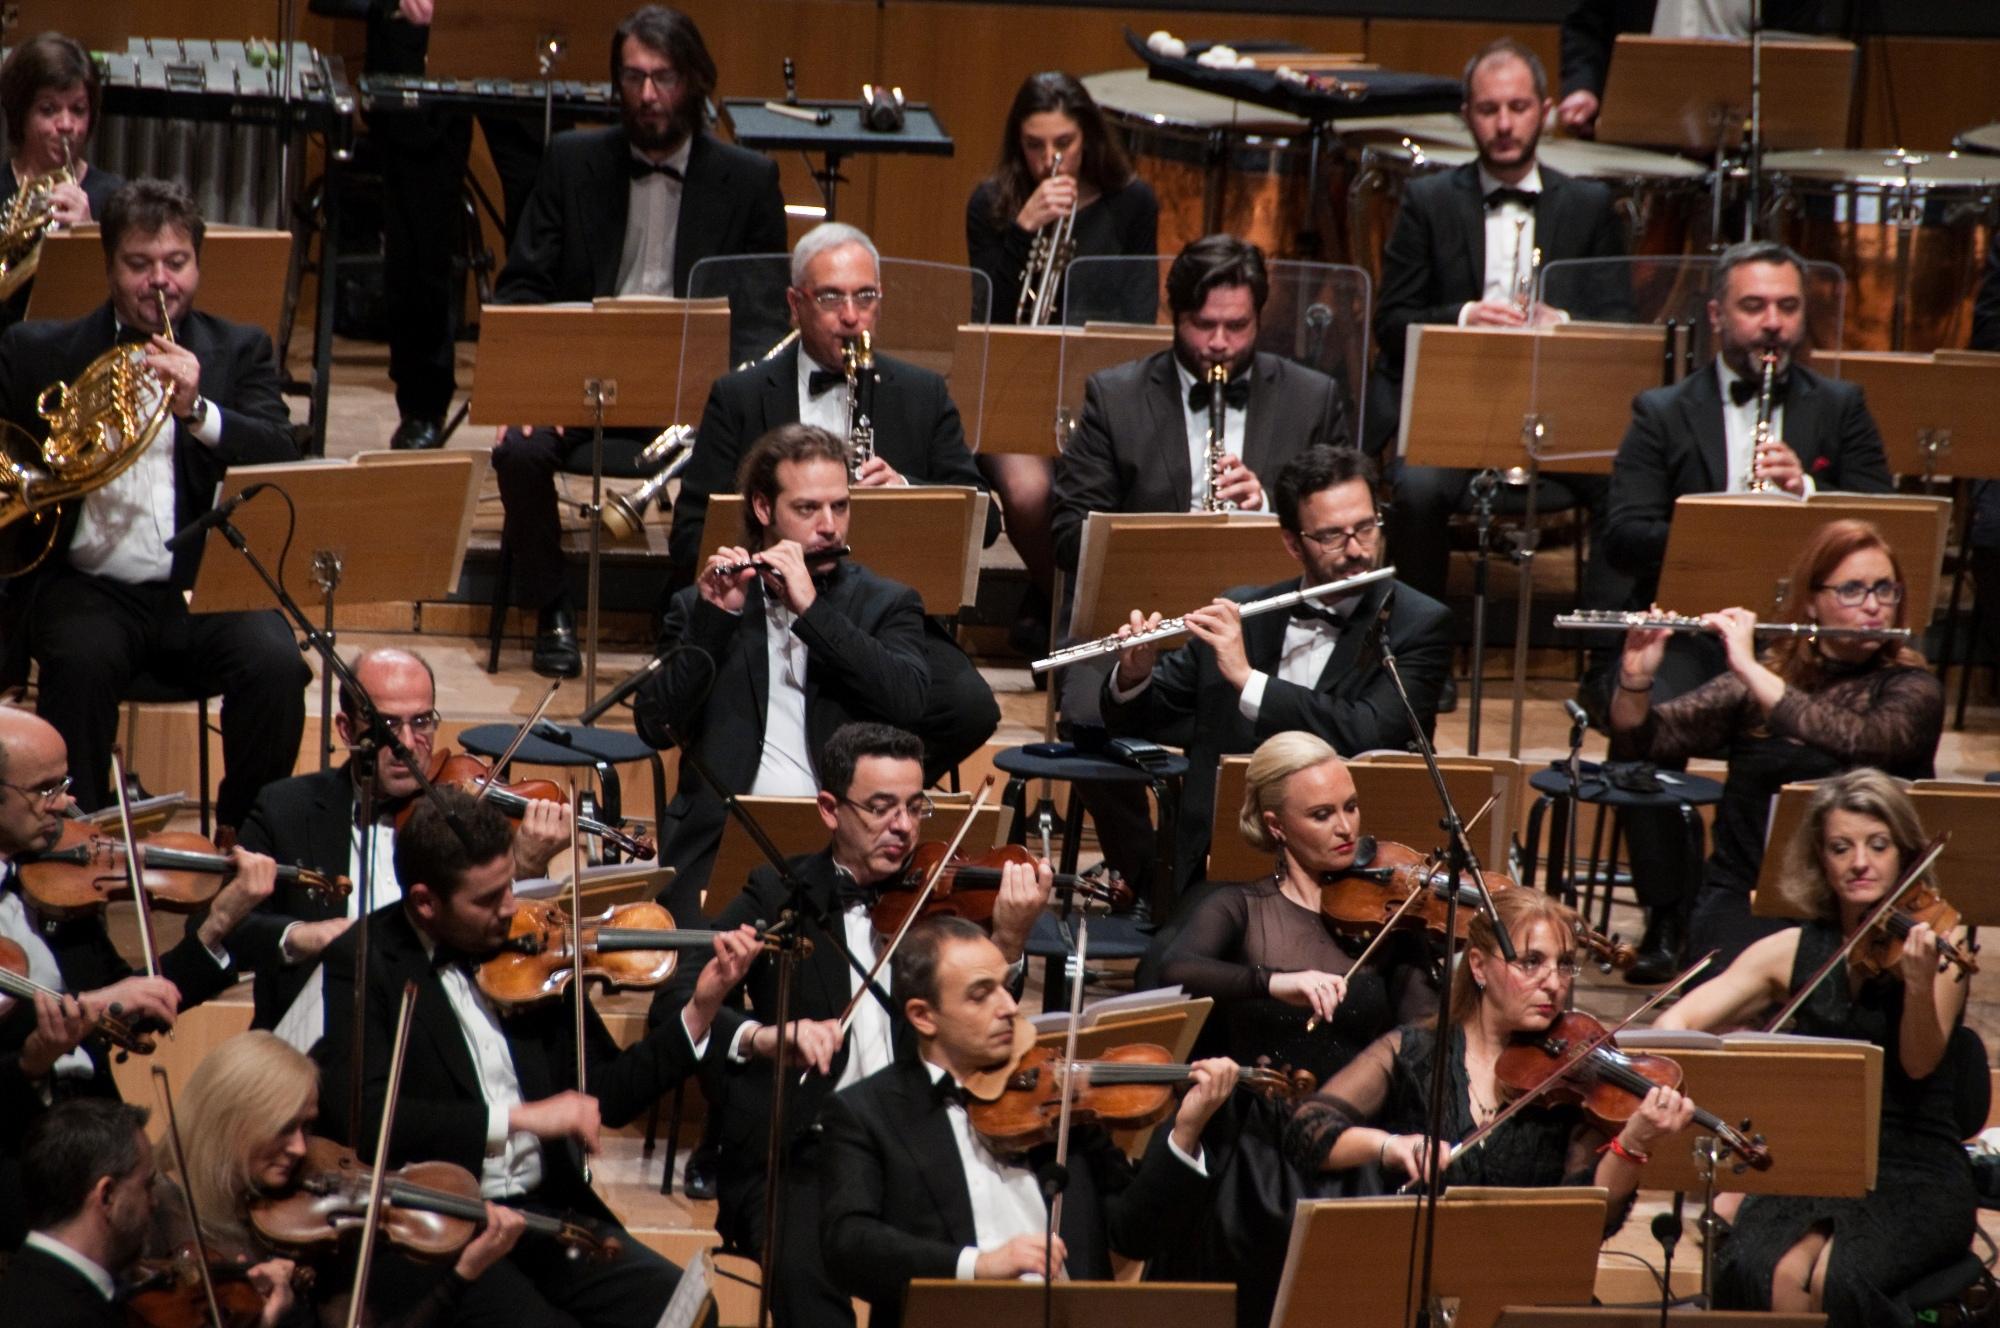 Εθνική-Συμφωνική-Ορχήστρα-1